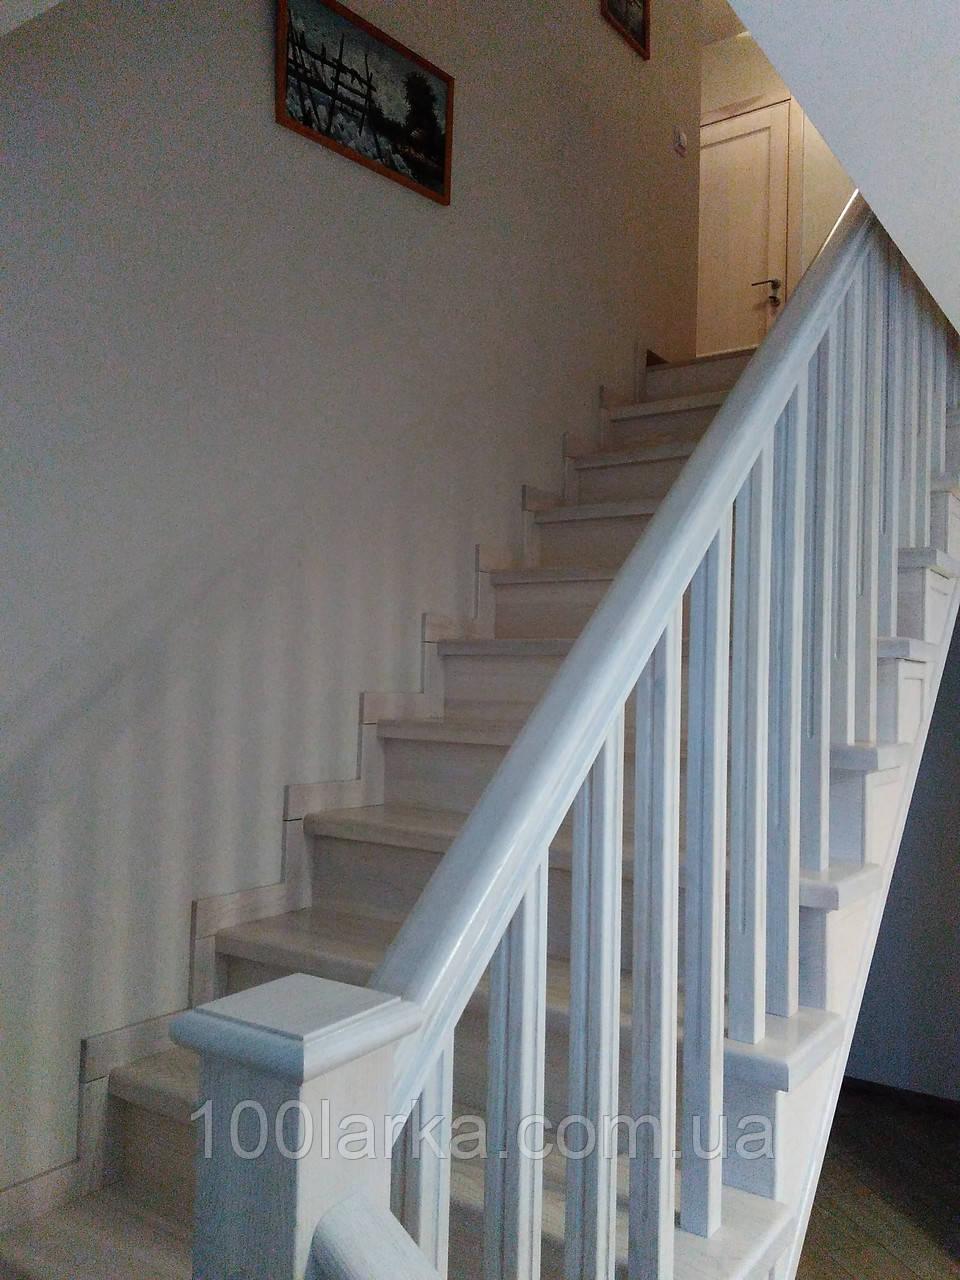 Деревянные лестницы по бетону